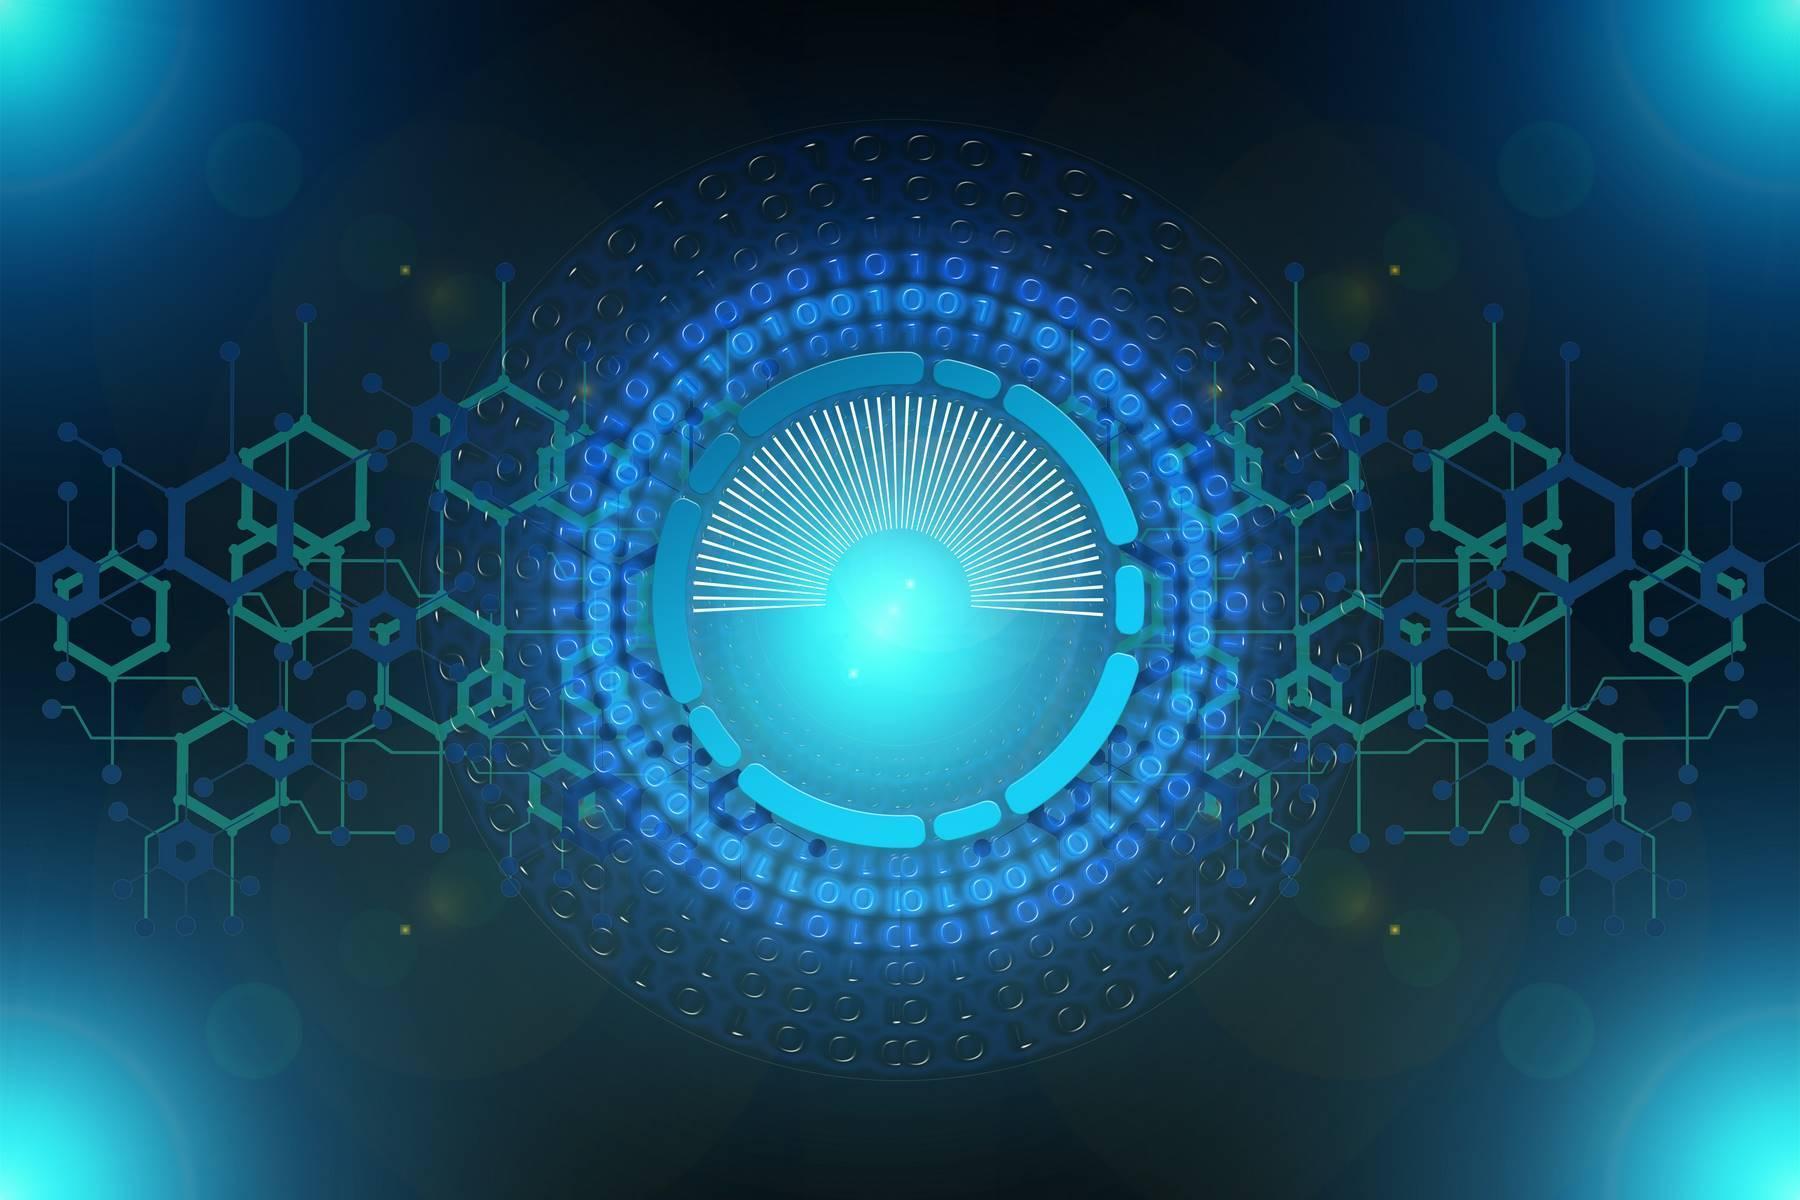 Implantieren von fehlerhaften Diamanten, als Schlüsseltechnologie für die Quantenkommunikation